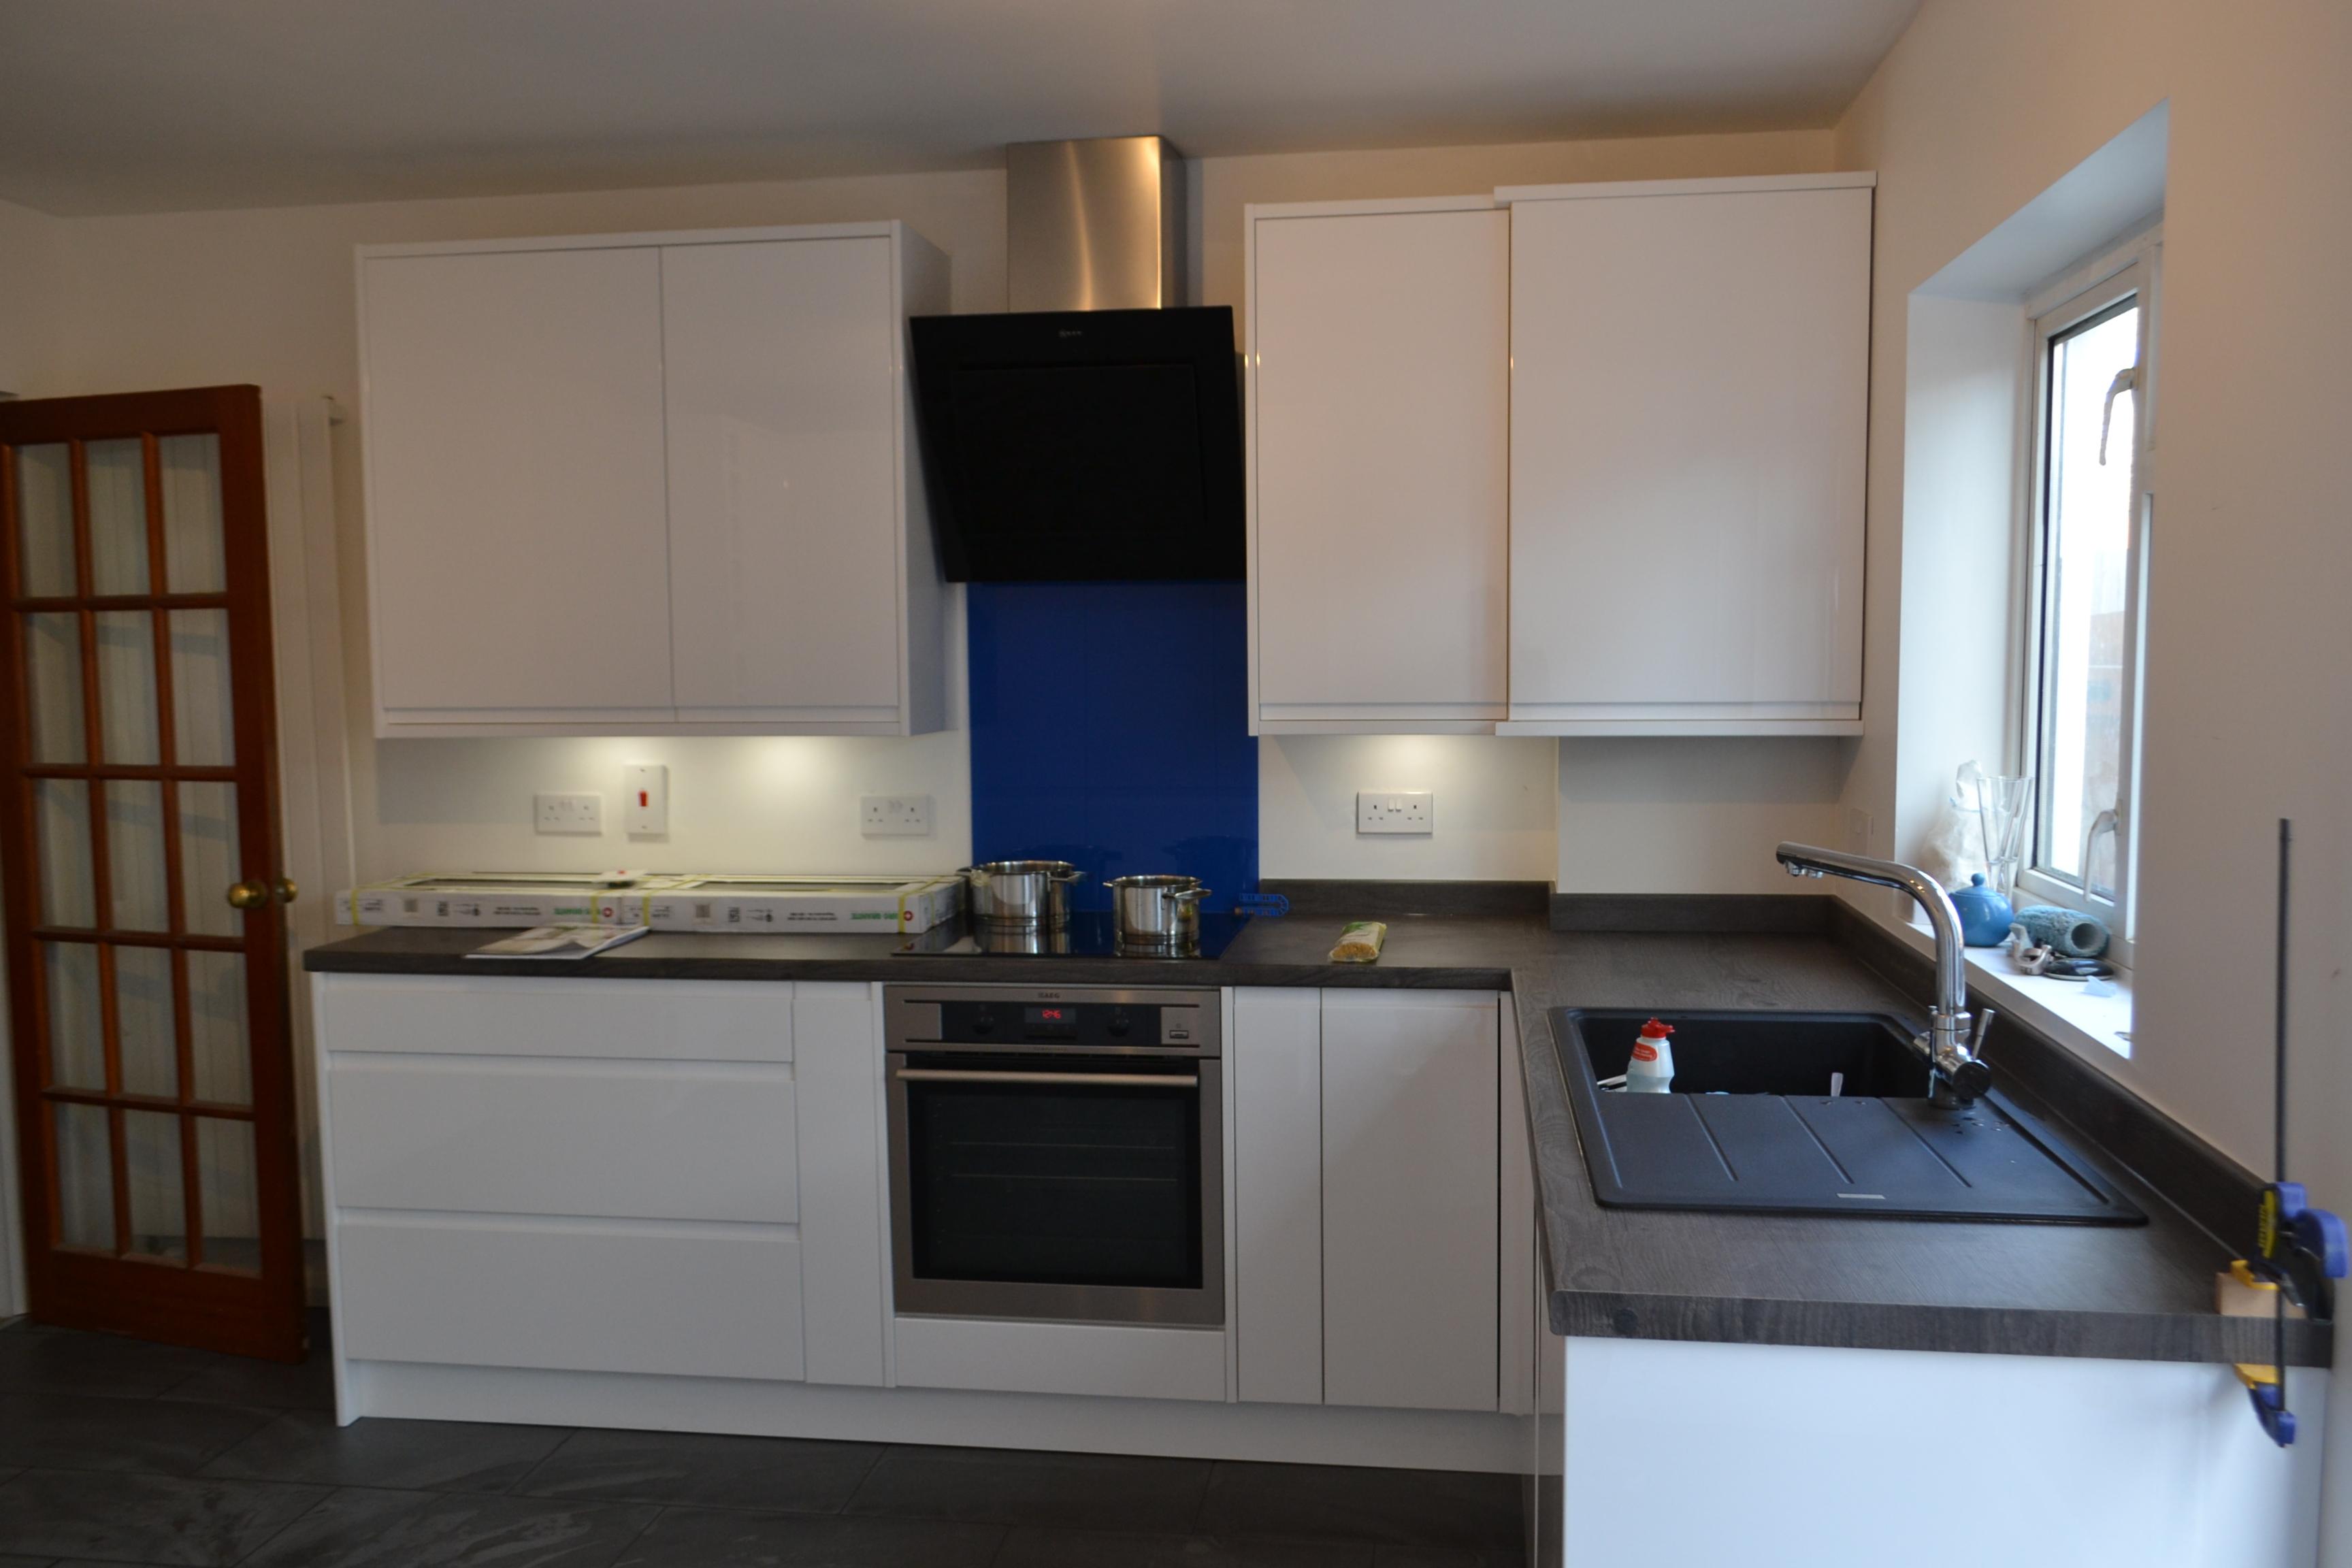 Home c constantin kitchen specialist ltd for C kitchens ltd swanage